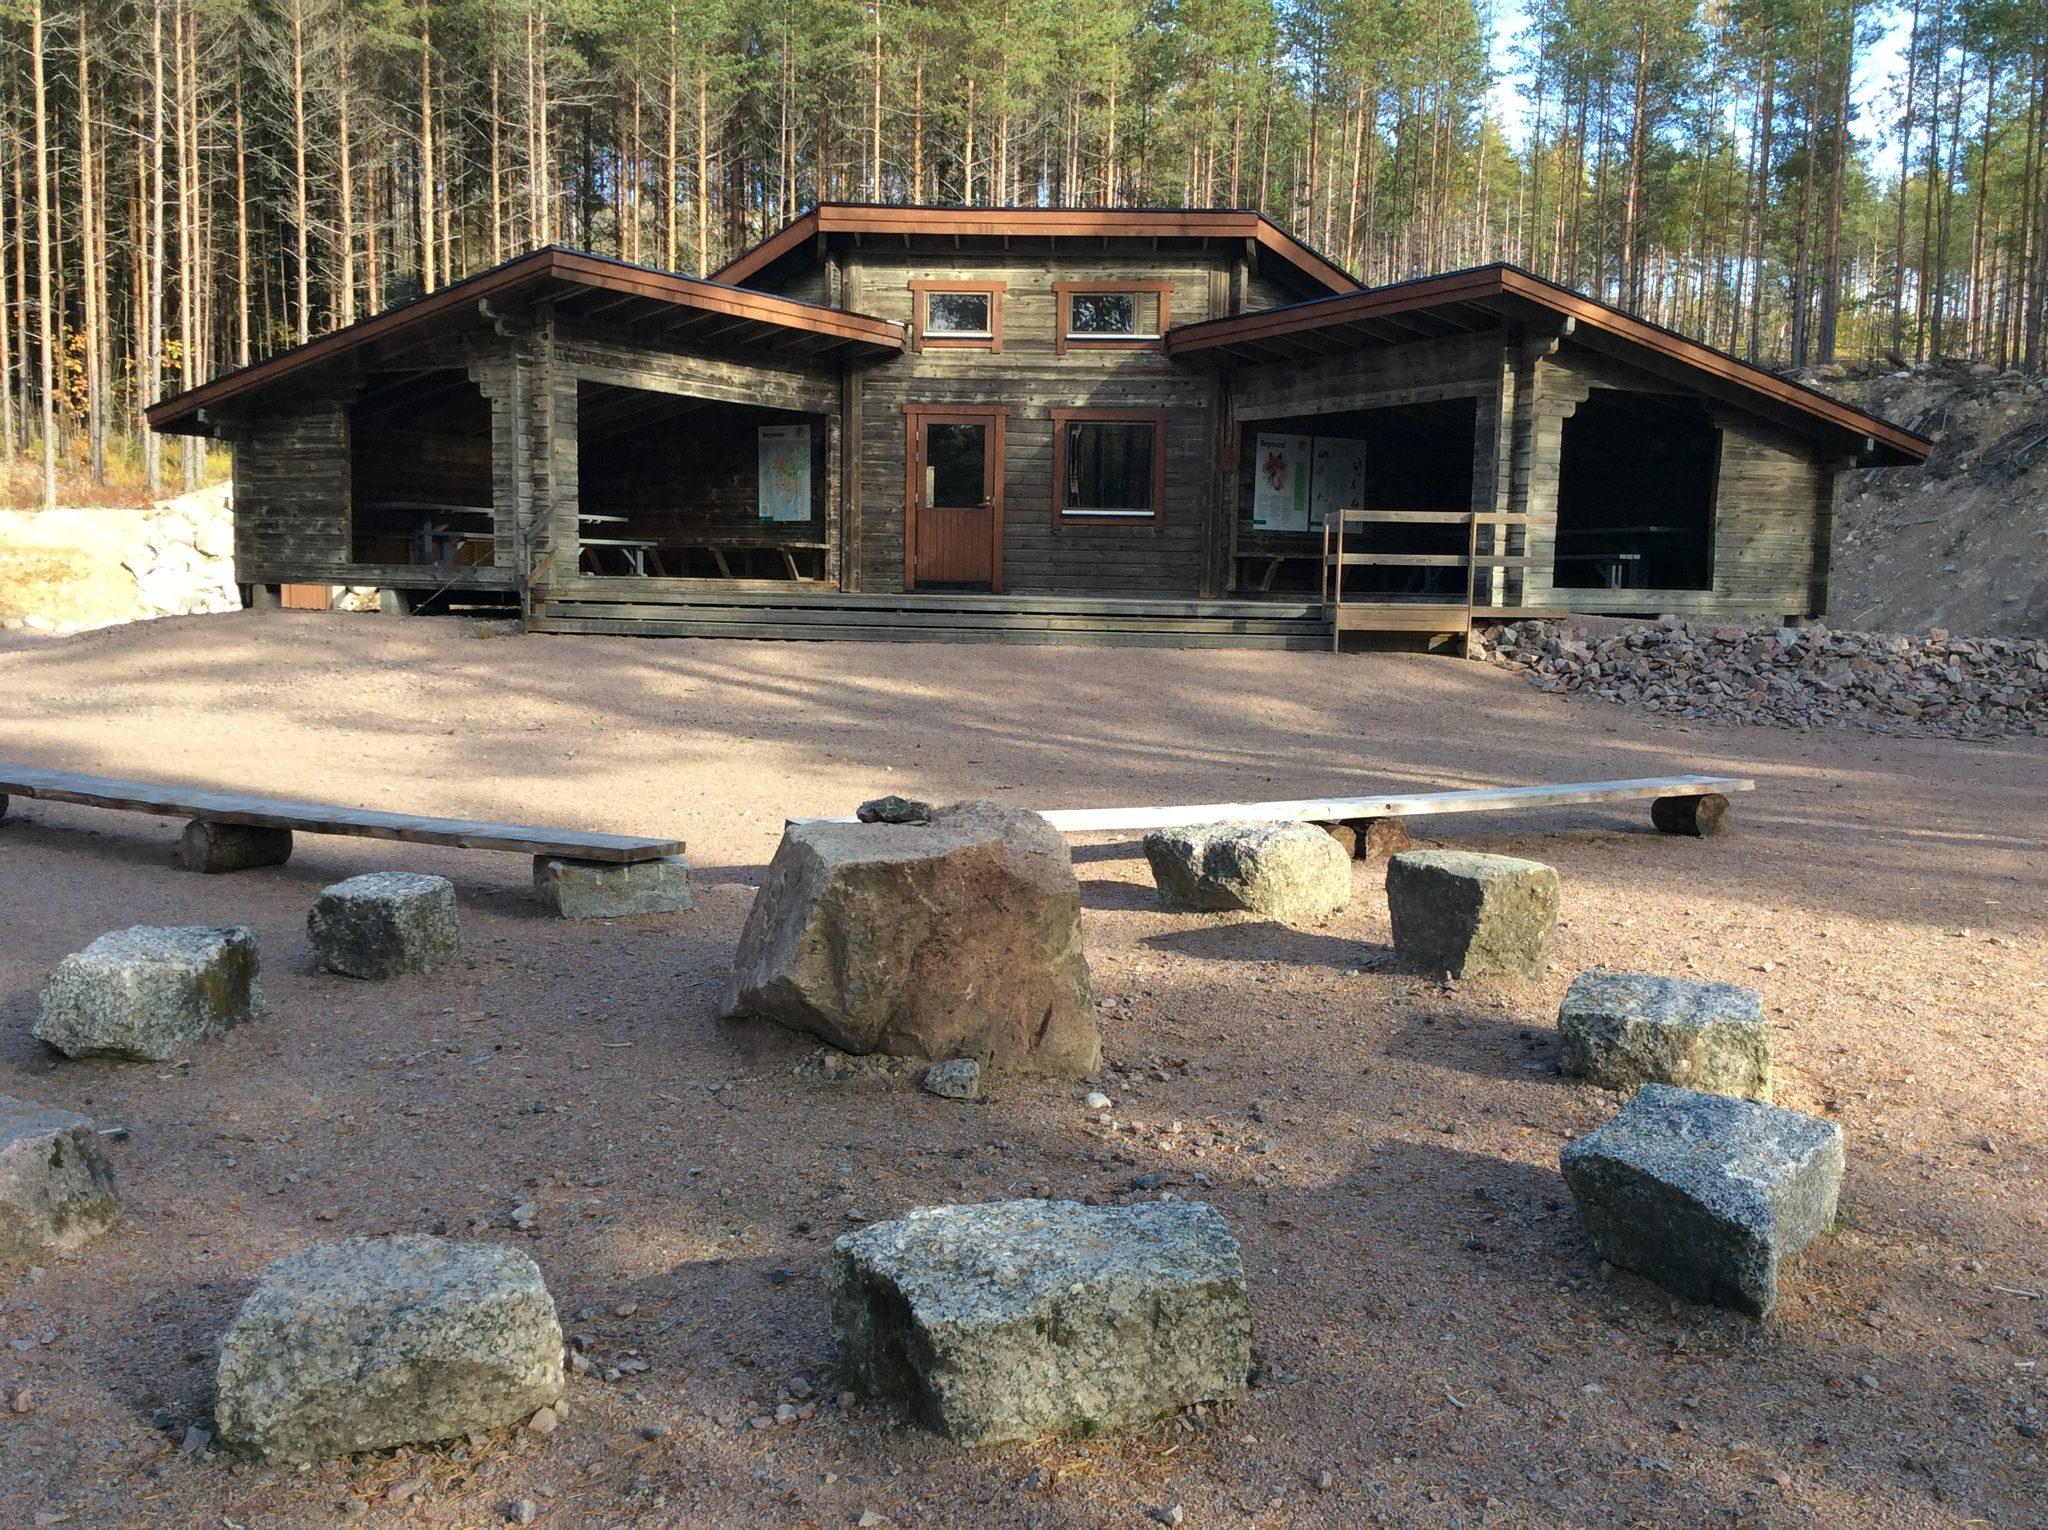 Valkjärven varausleirialue - Valkjärven varausleirialue sijaitsee puiston pohjoisosassa Valkjärven rannassa.